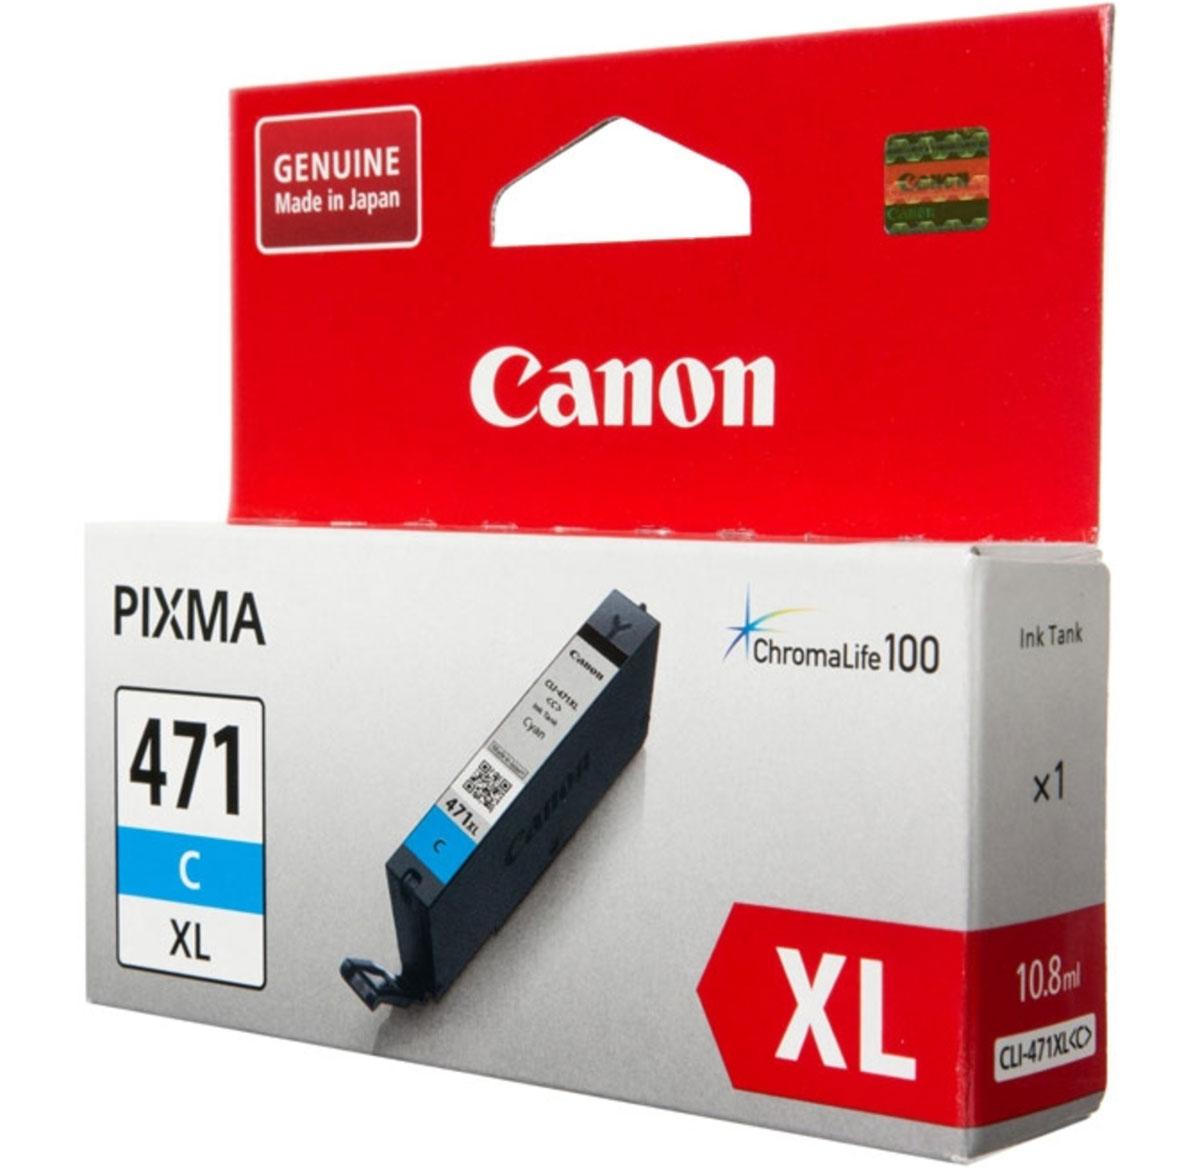 Canon CLI-471XL, Cyan картридж для Pixma MG5740/6840/77400347C001Картридж Canon CLI-471XL содержит голубые чернила на основе красителей, которые используются для печати документов на обычной бумаге и обеспечивают четкость текста и долговечность печатных изображений. Благодаря технологии эффективного использования чернил, этот картридж будет долго работать в вашем принтере.